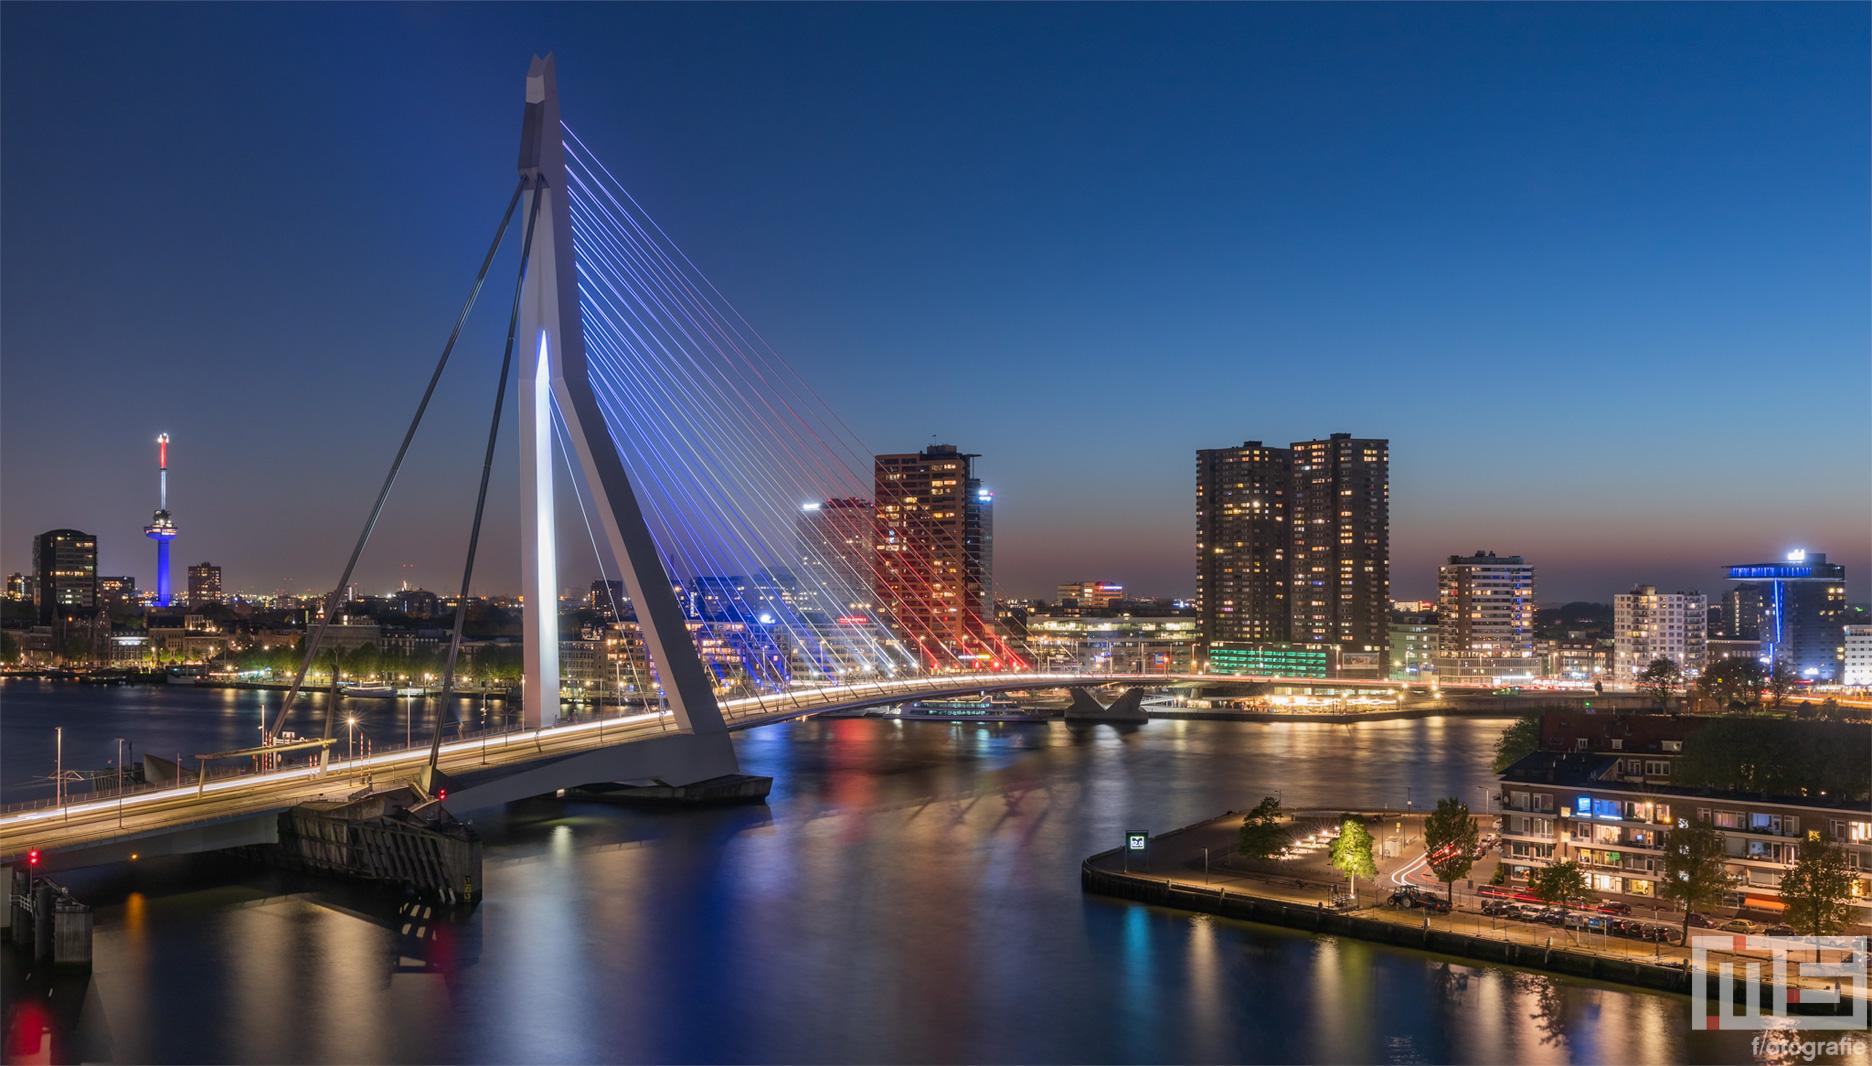 De Rotterdamse Skyline met de Erasmusbrug en Euromast in Rood Wit Blauw | Cover